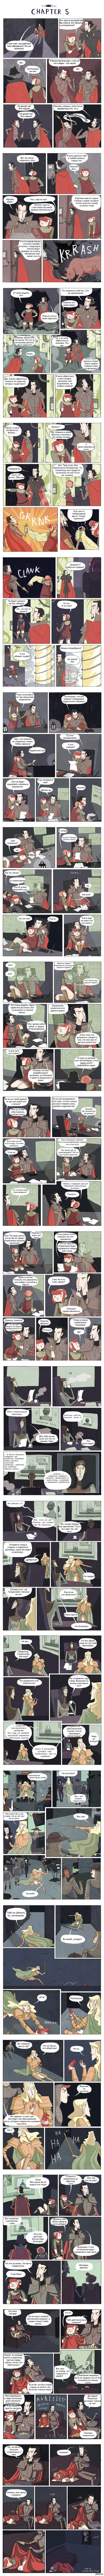 """Нимона, глава 5 Пятая часть комикса. Ссылки на предыдущие части в комментариях. Поиск по тегу """"Nimona"""""""